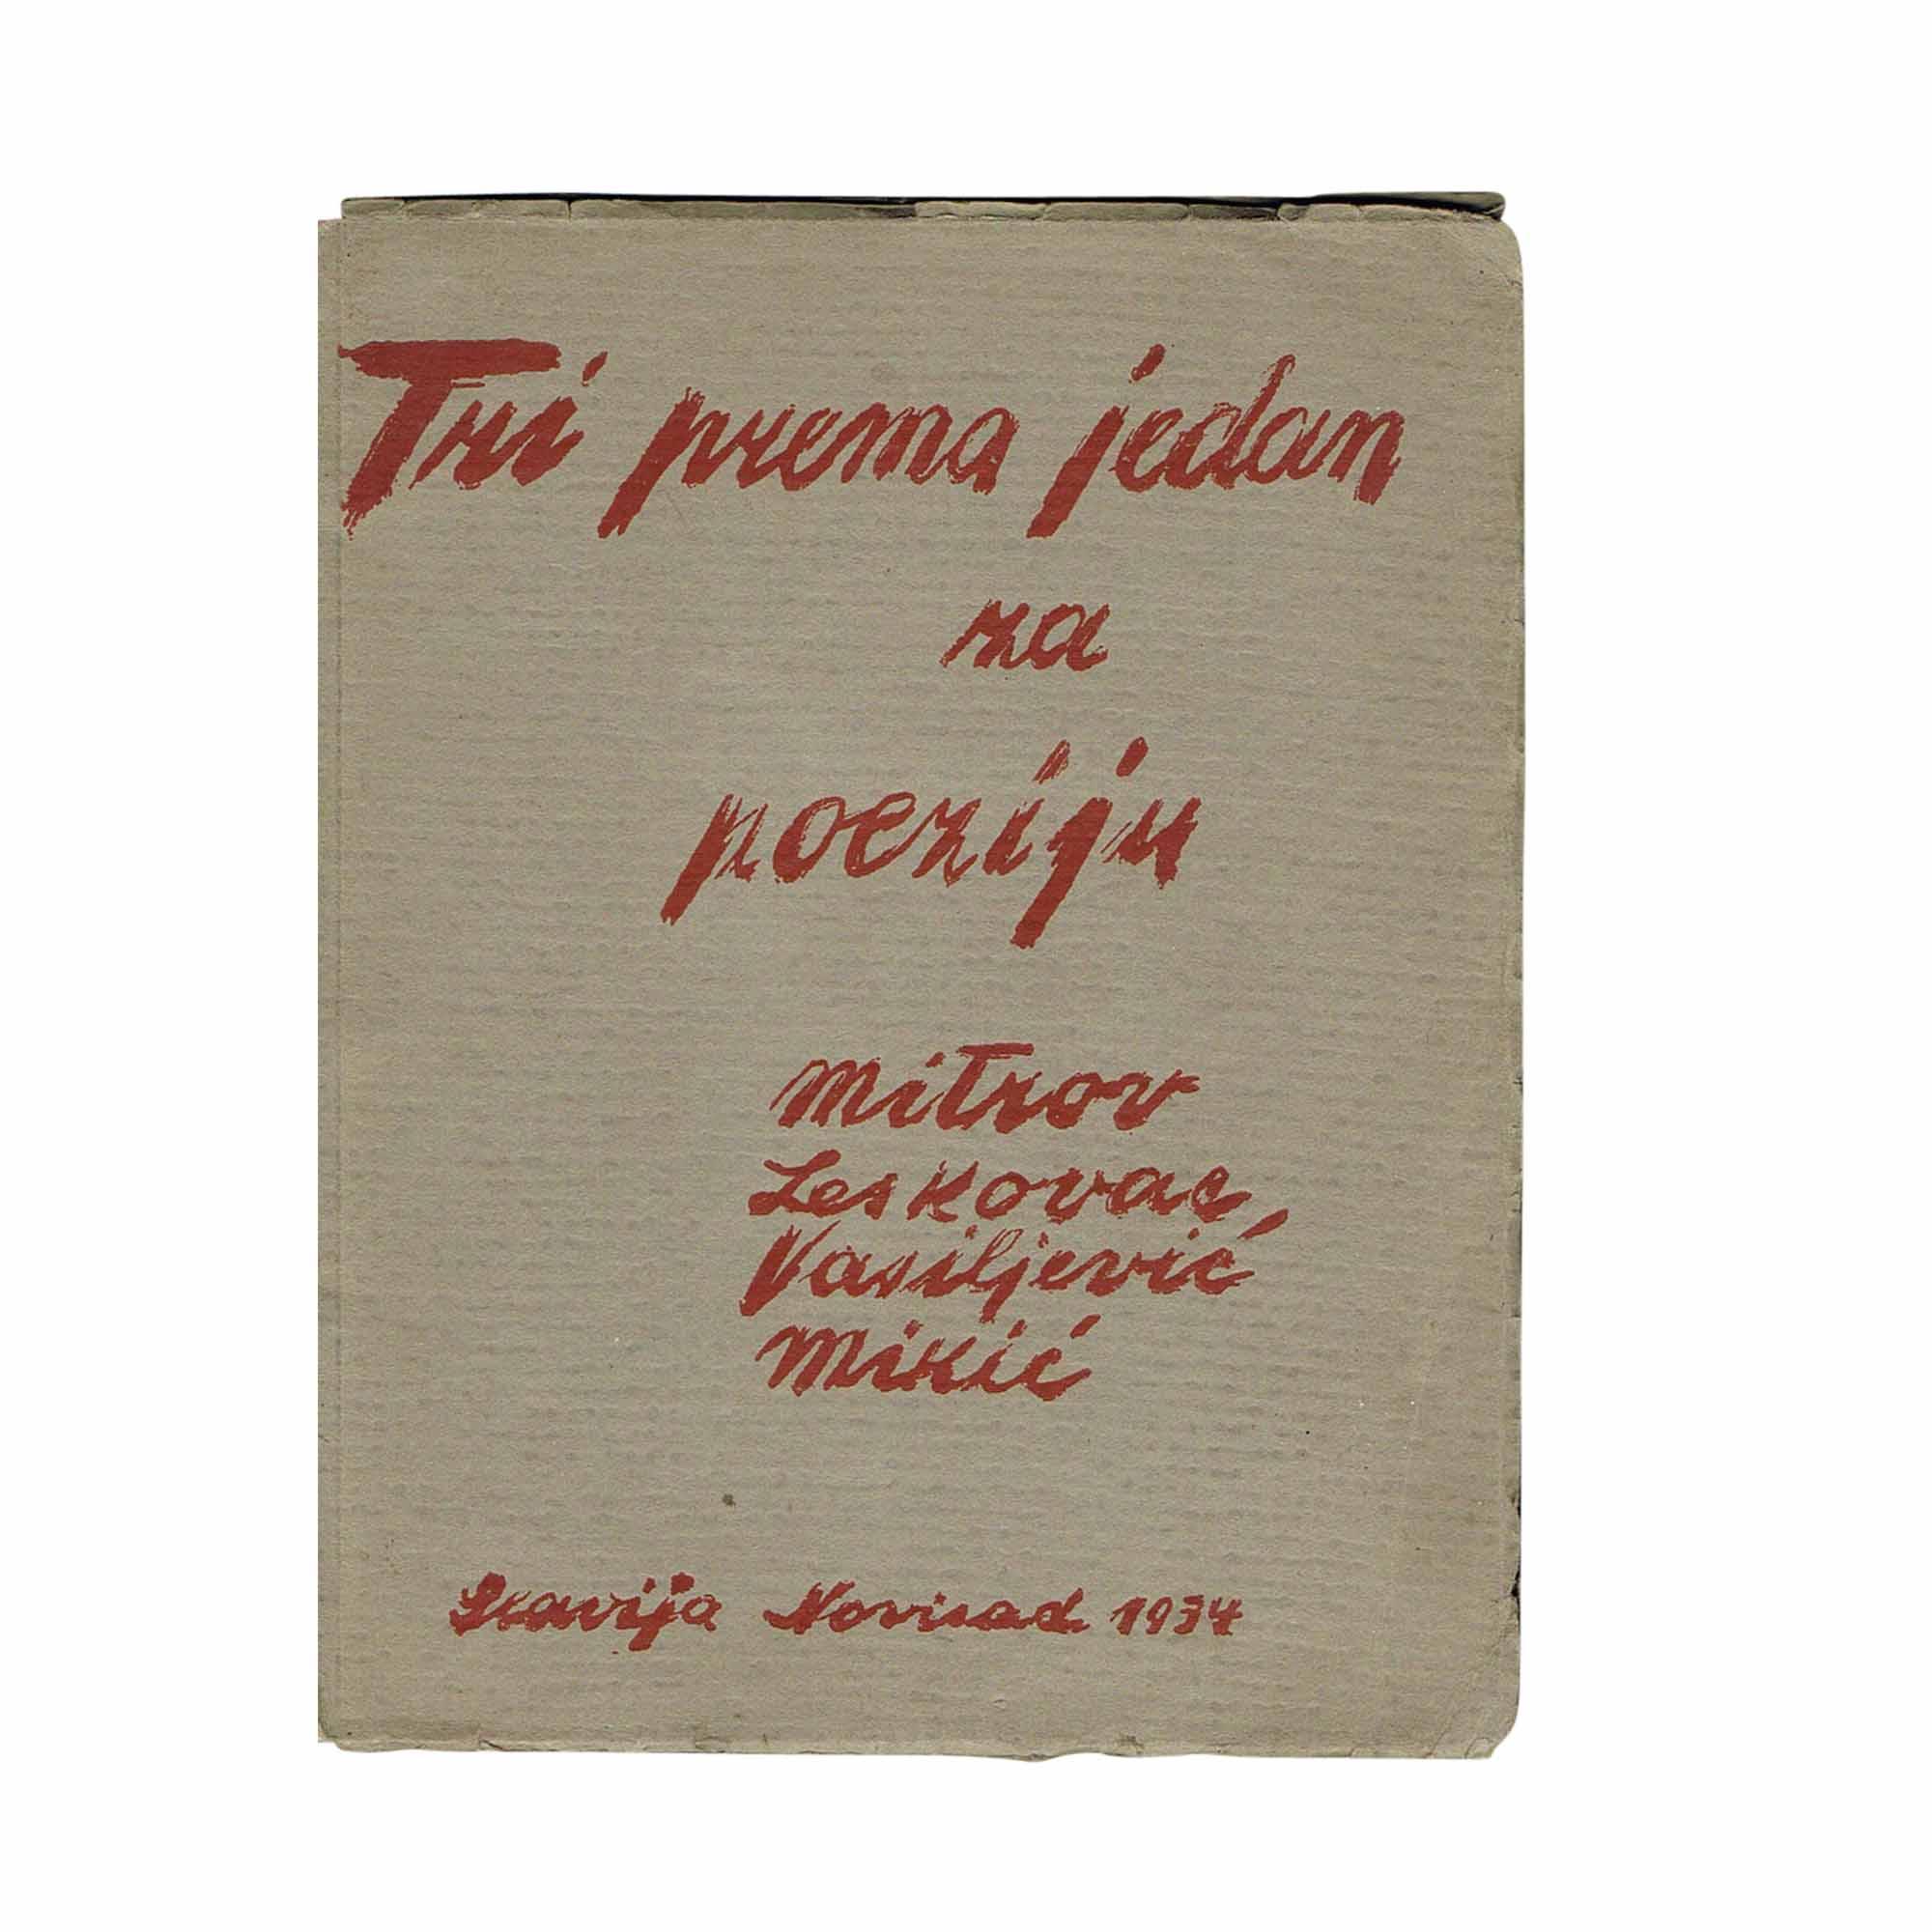 5198-Kumric-Prema-1934-N.jpg